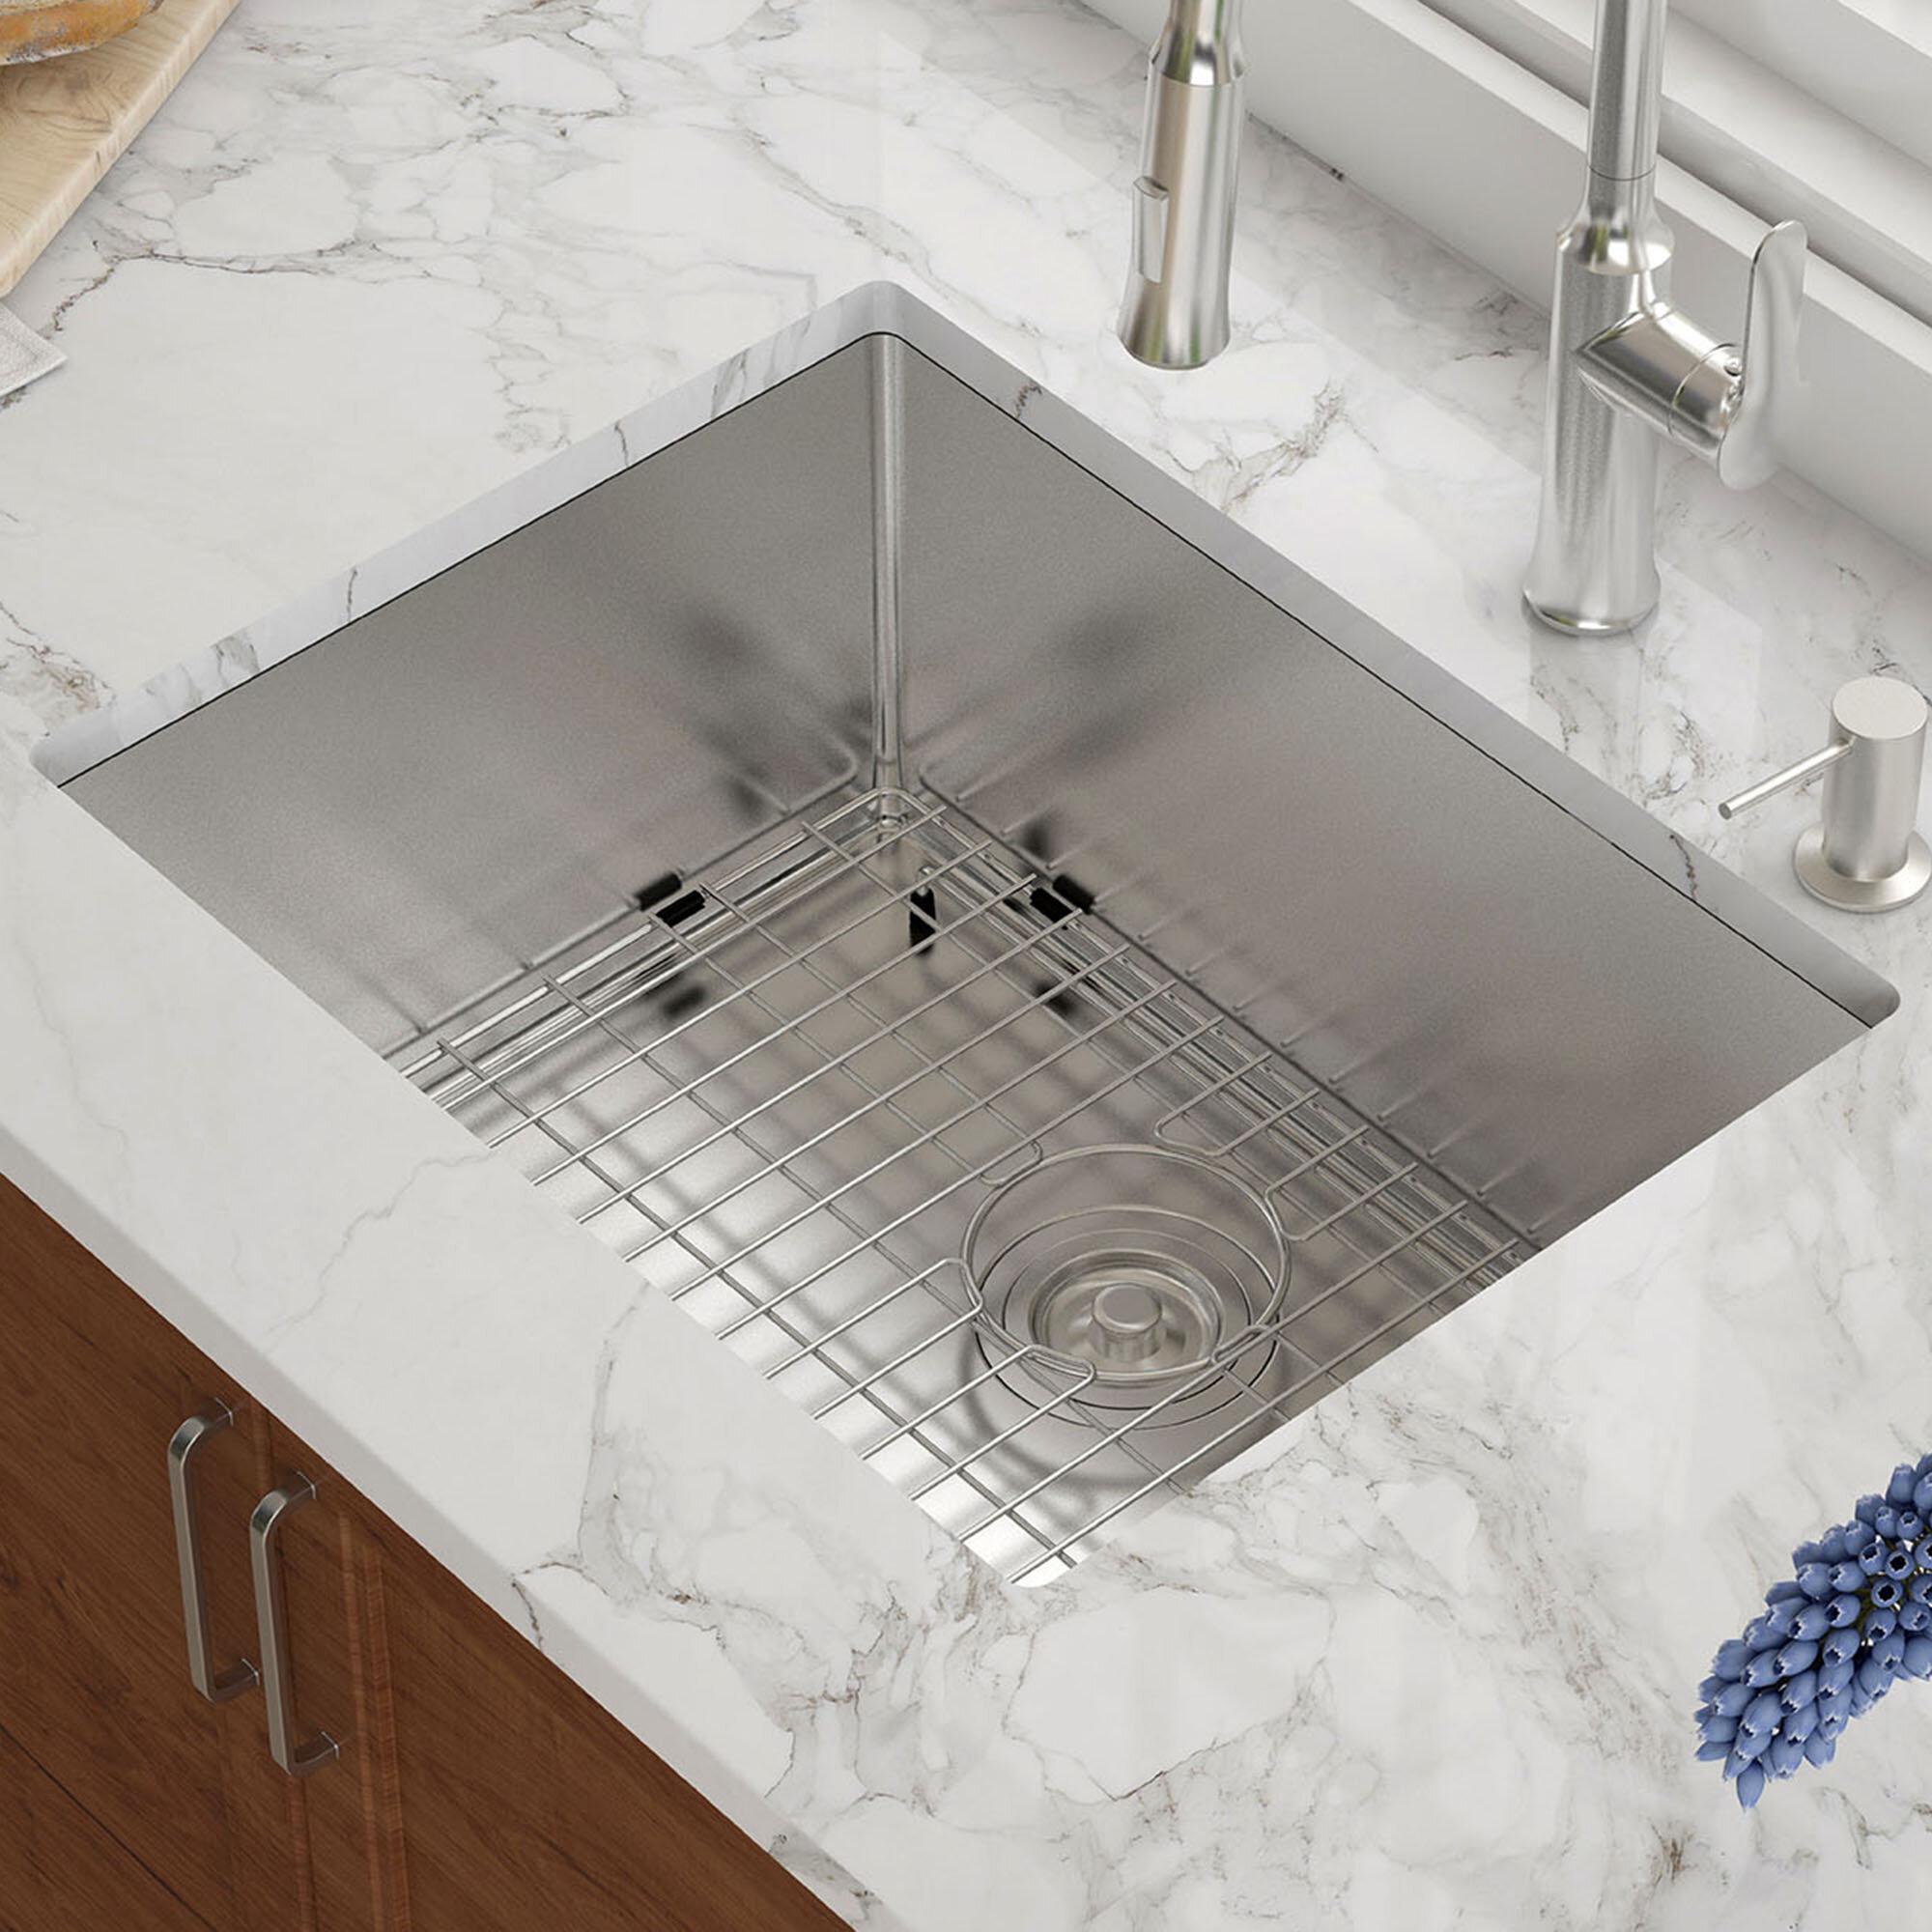 Khu101 23 kraus 23 l x 18 w undermount kitchen sink with basket strainer reviews wayfair